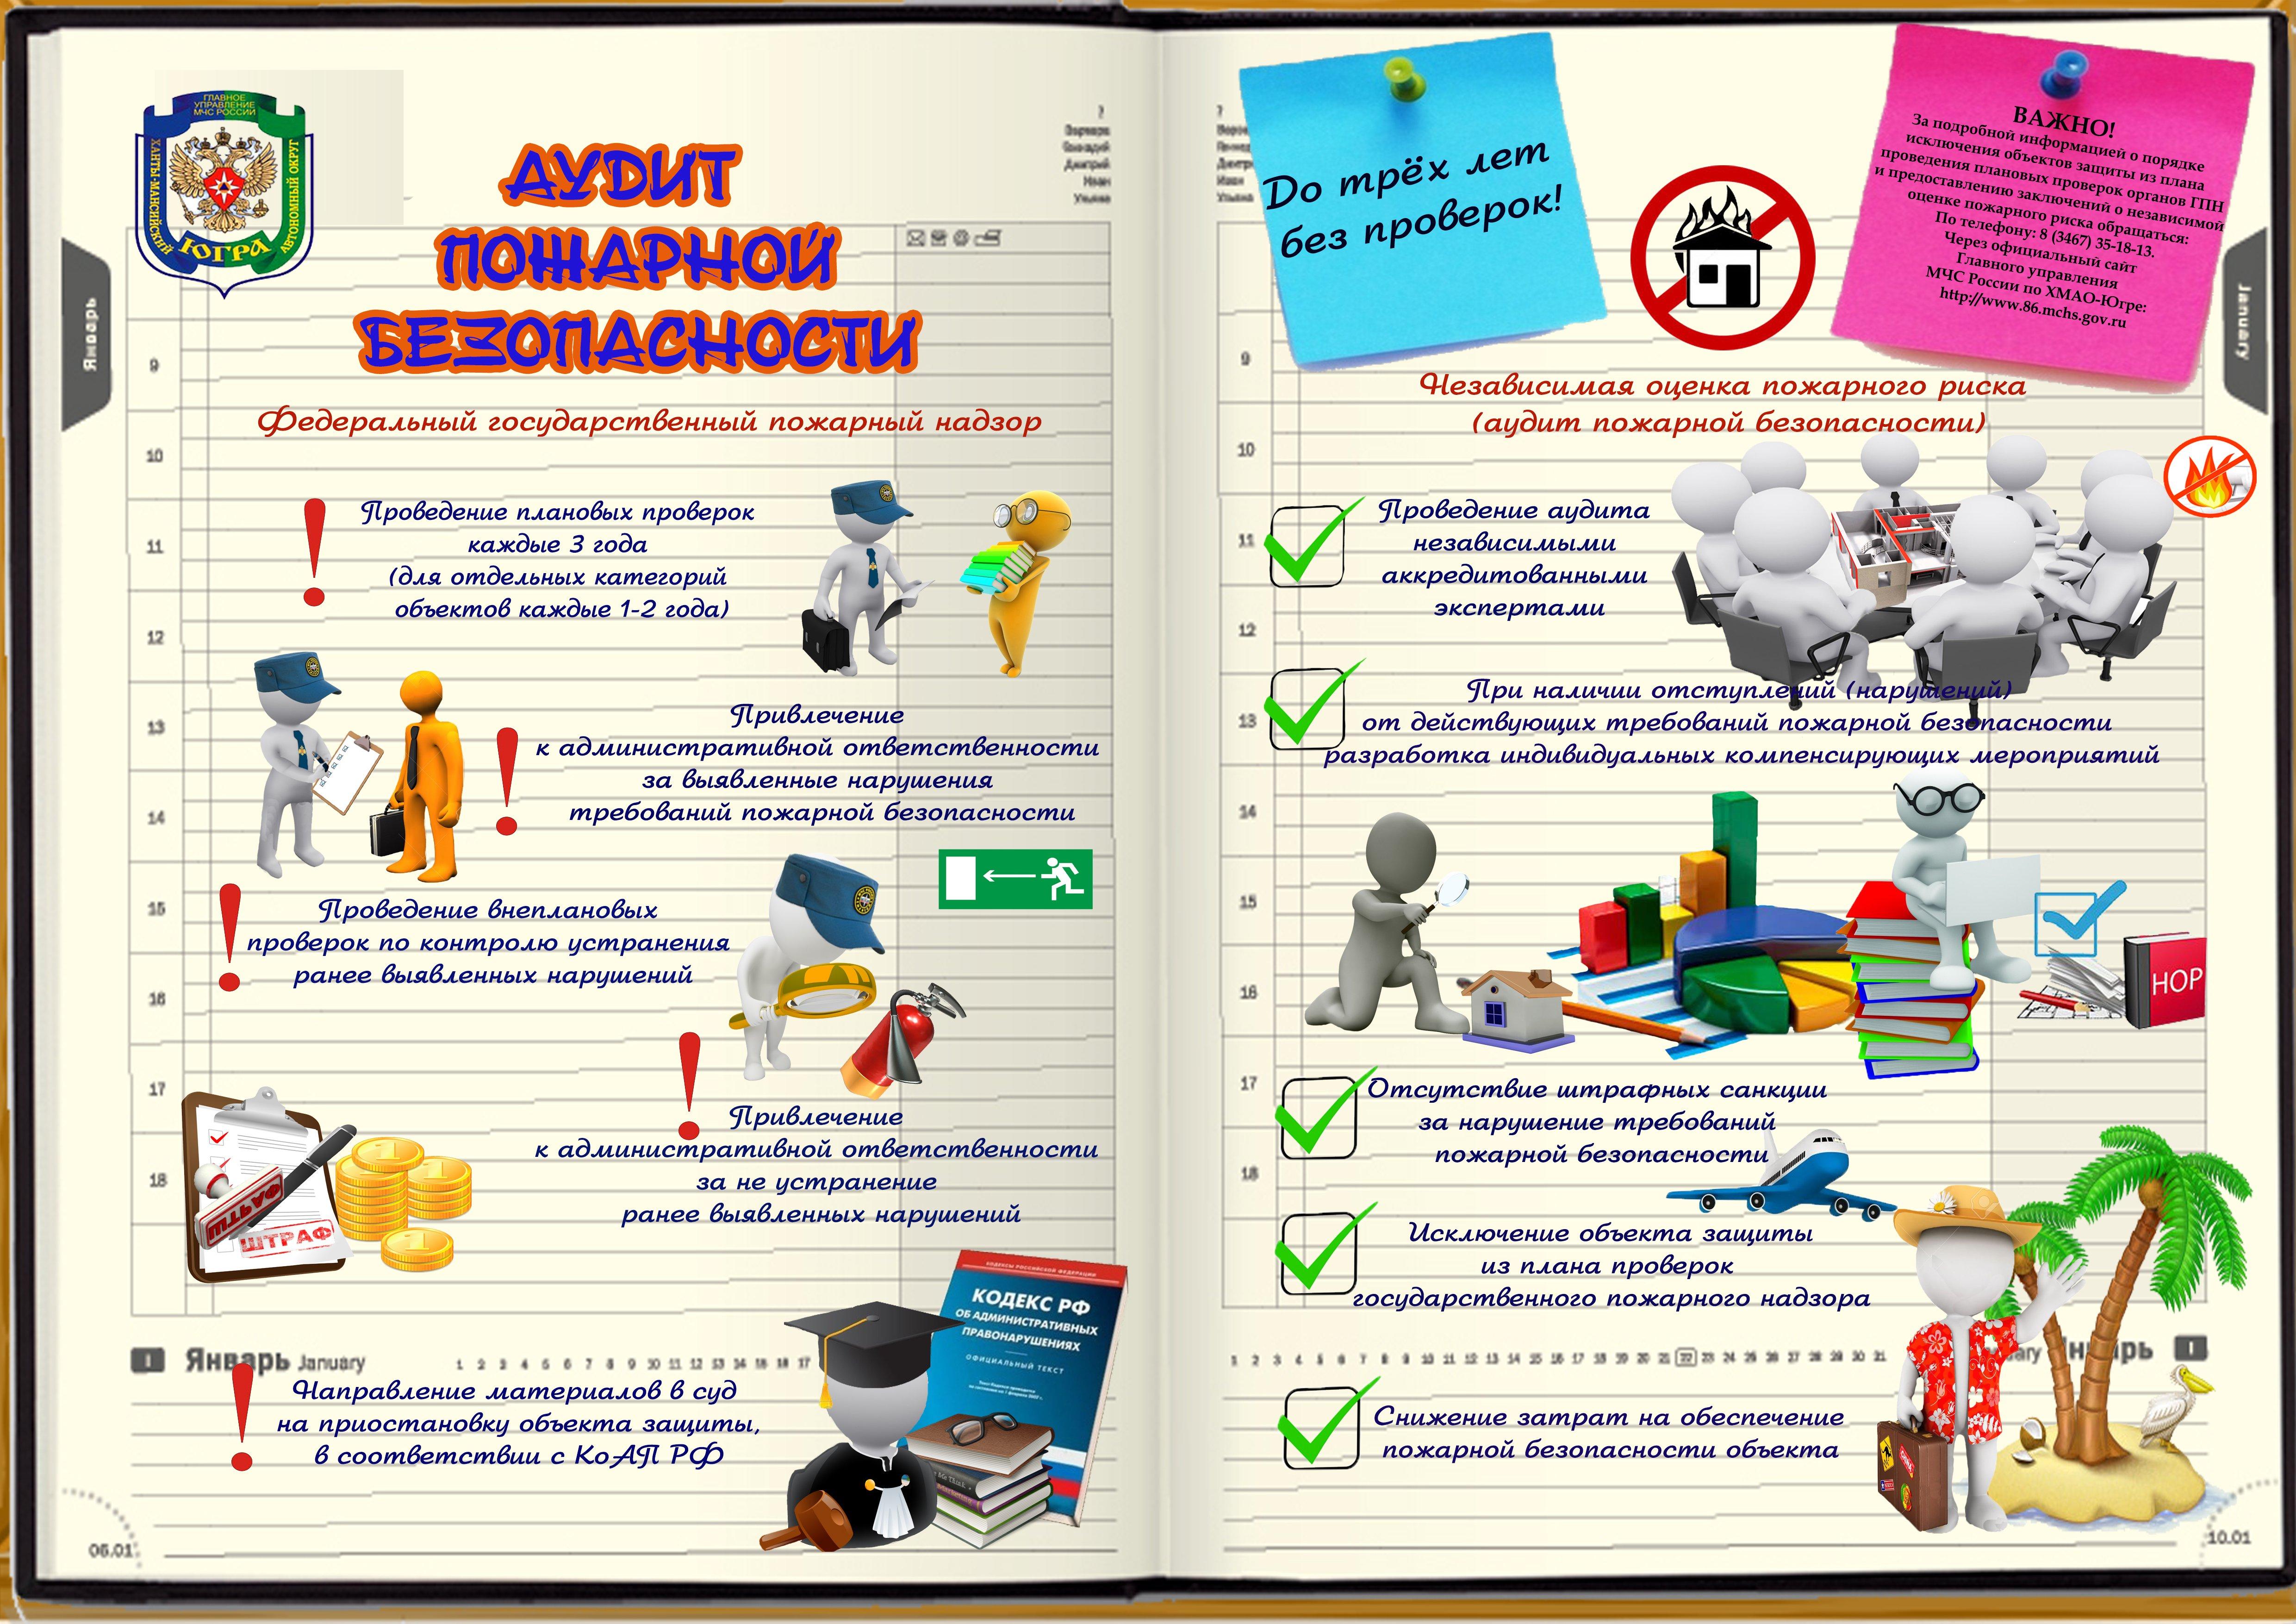 информация для правильного питания детей